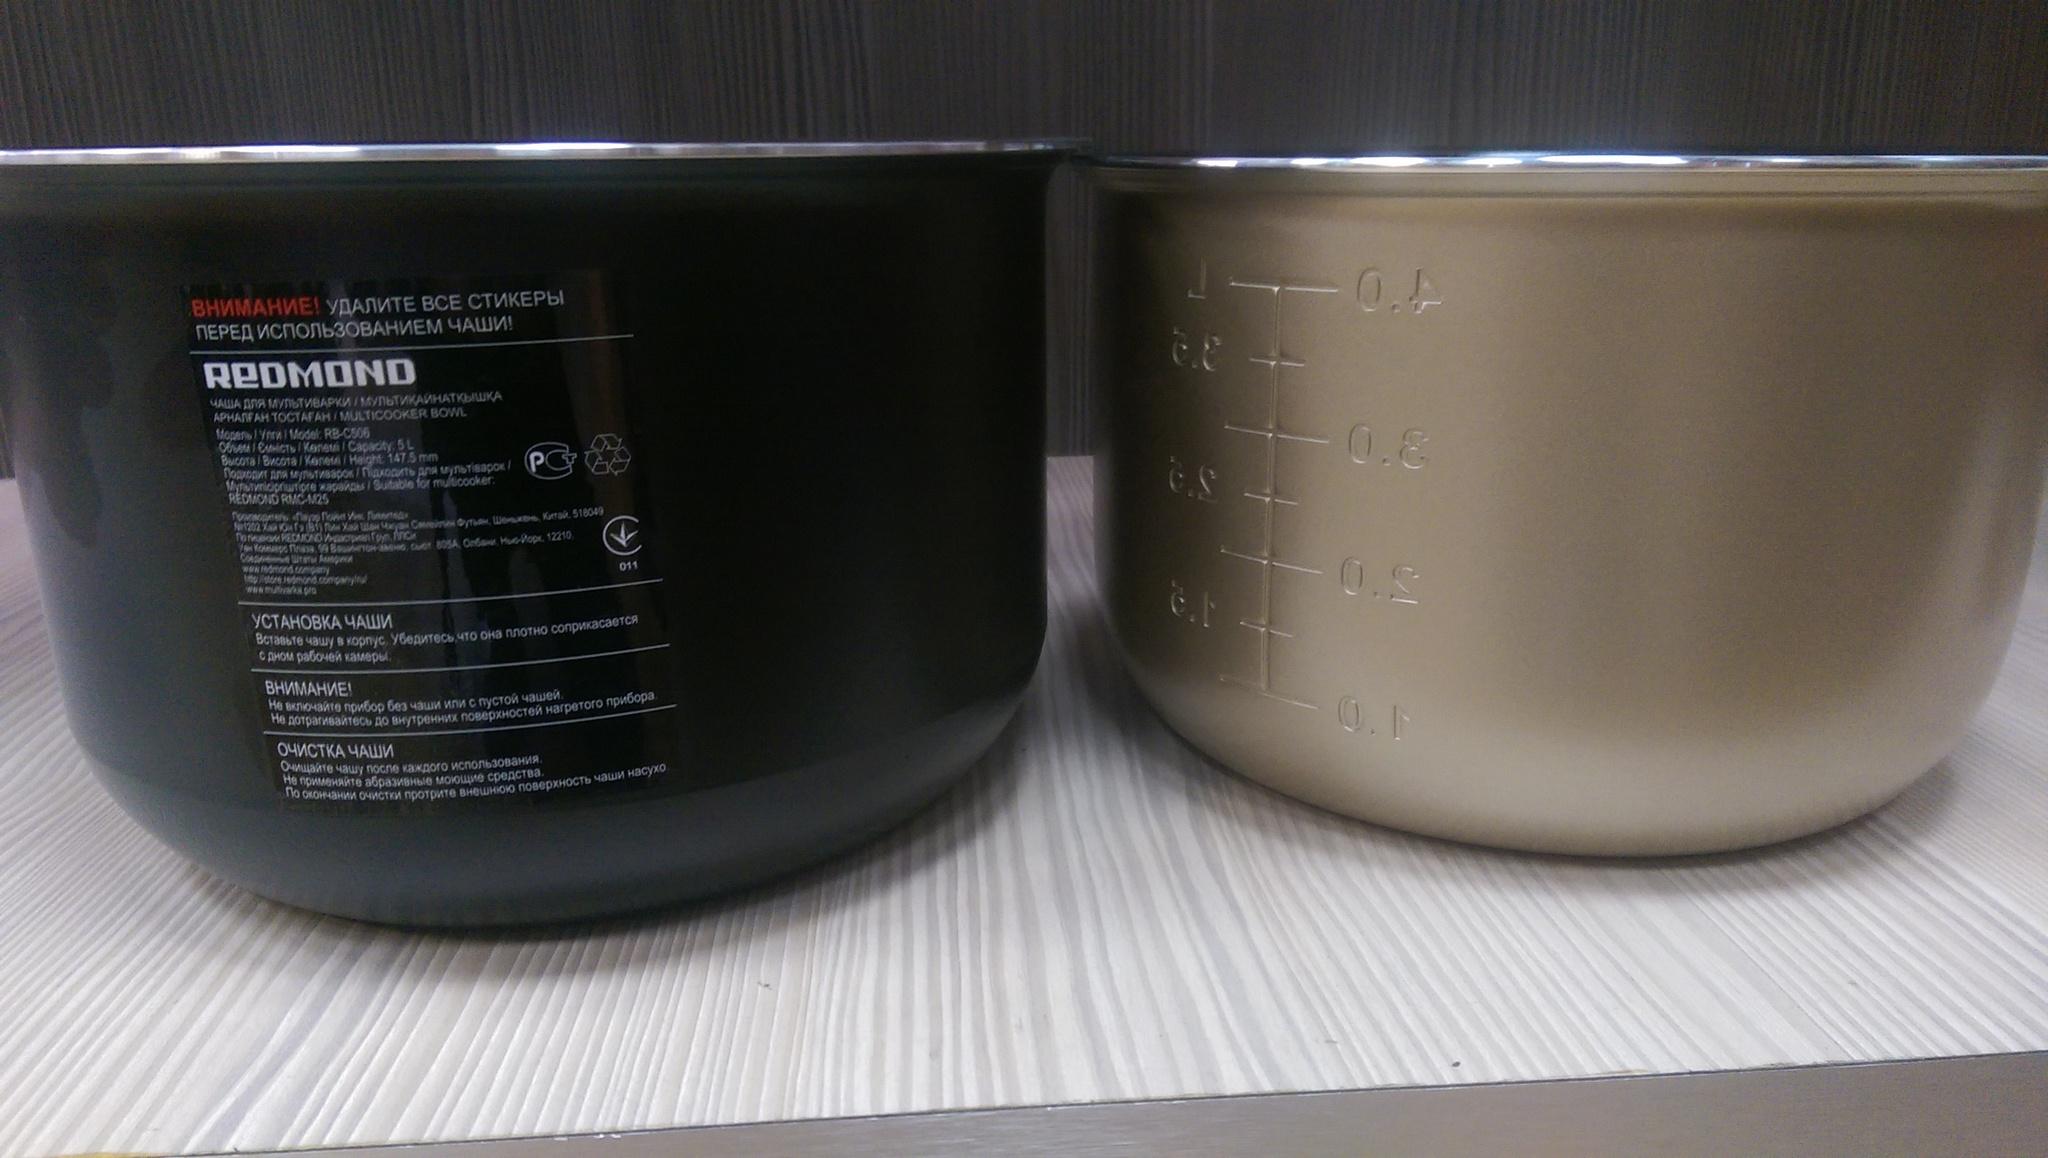 Сравнение Высоты Чаши RB-C506 и RB-C508 (147.5 мм против 145.0 мм)